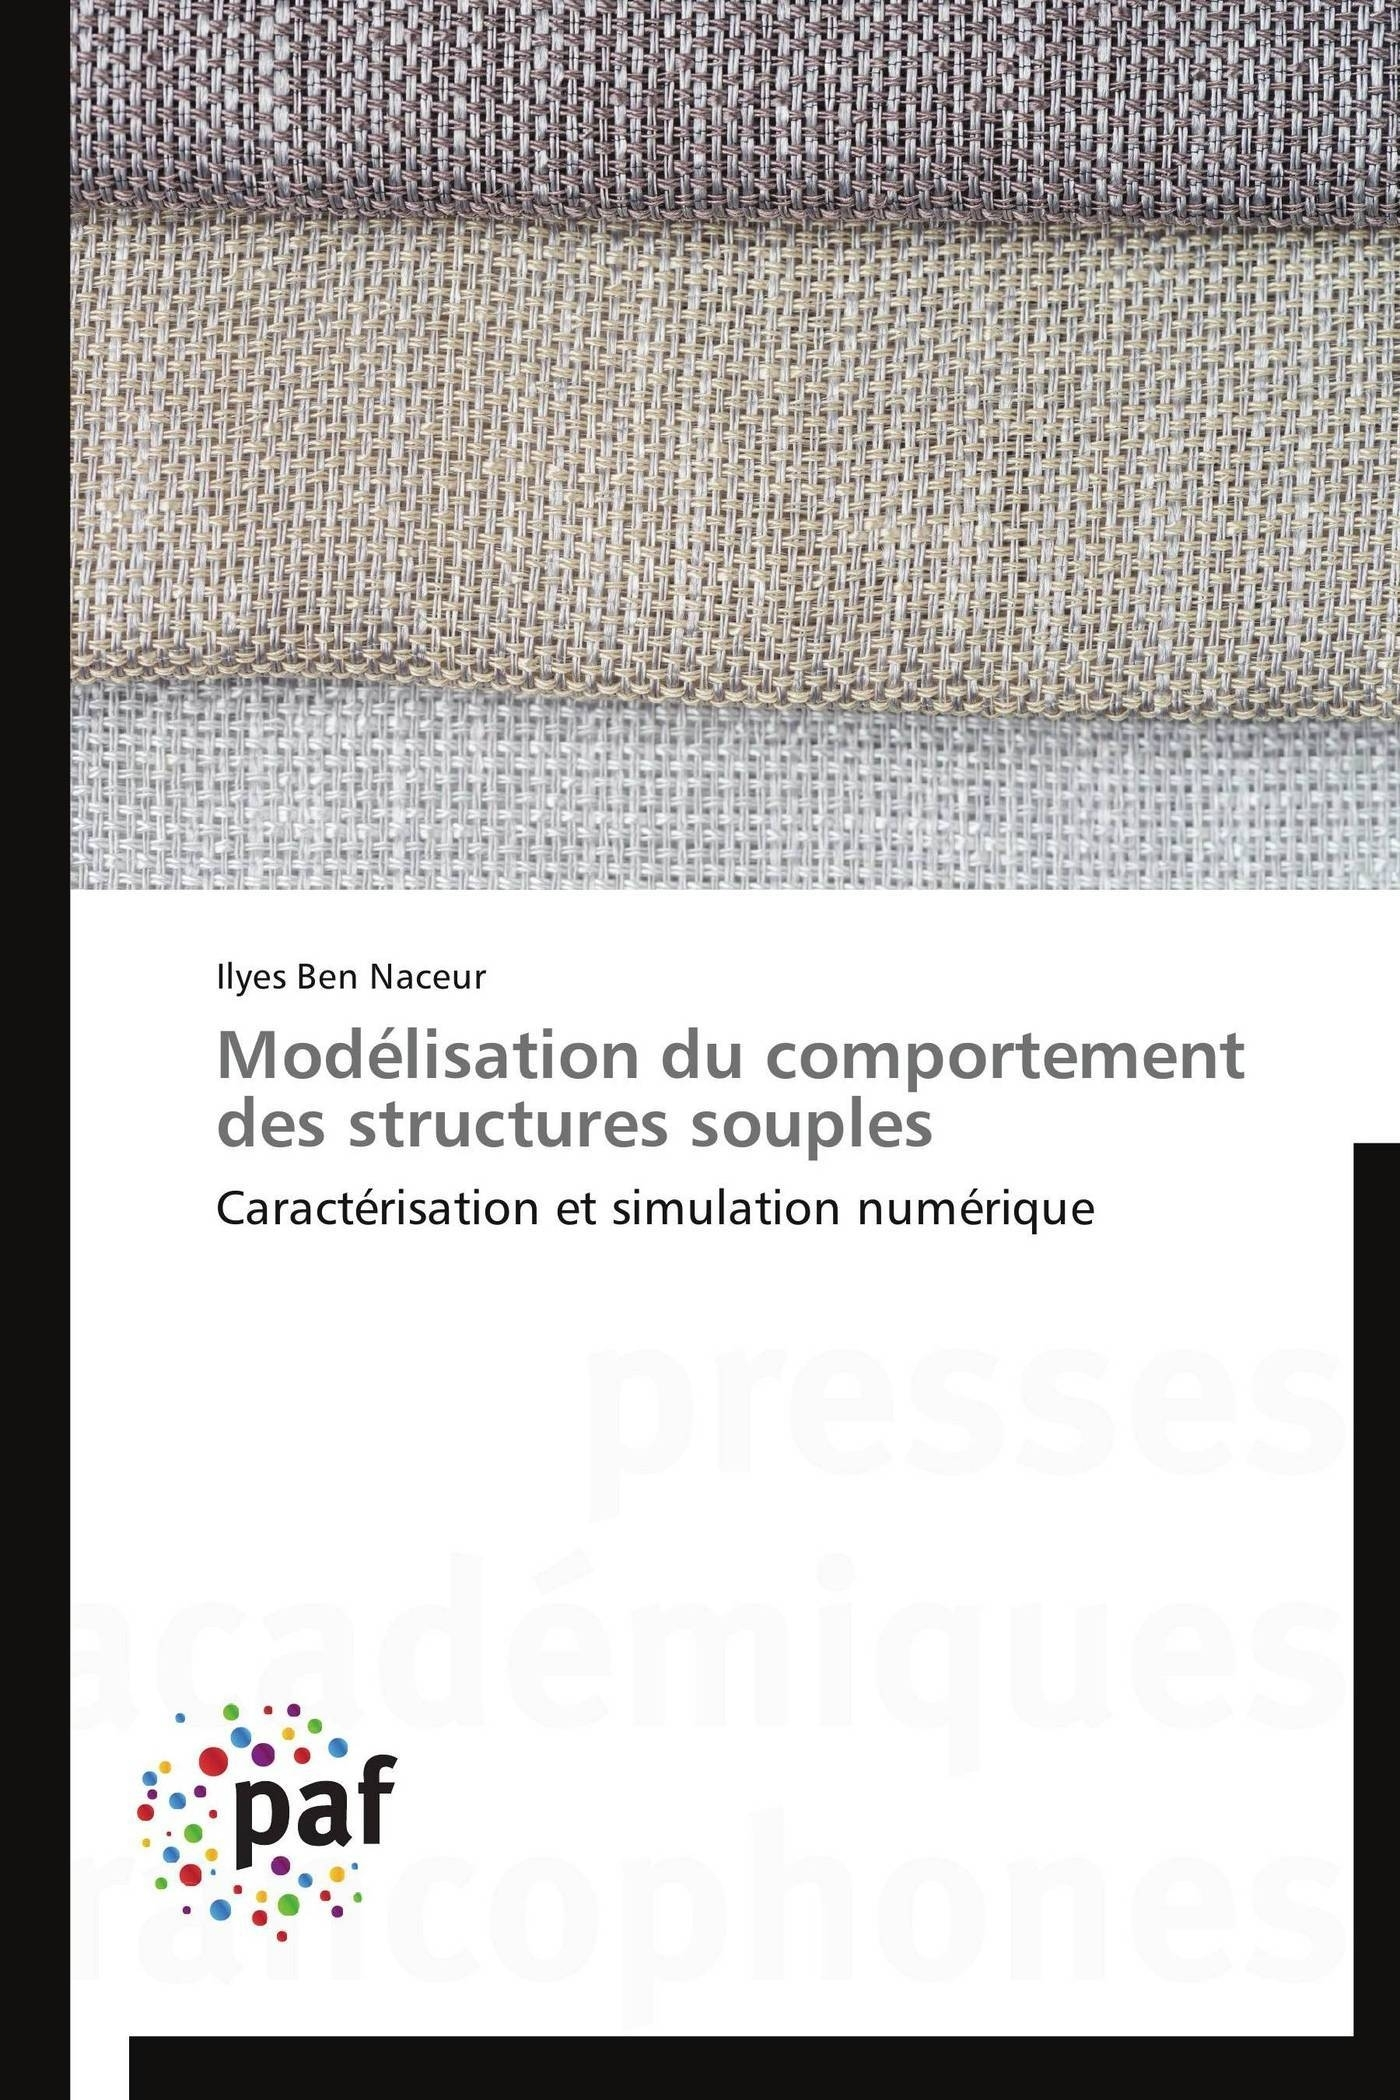 MODELISATION DU COMPORTEMENT DES STRUCTURES SOUPLES